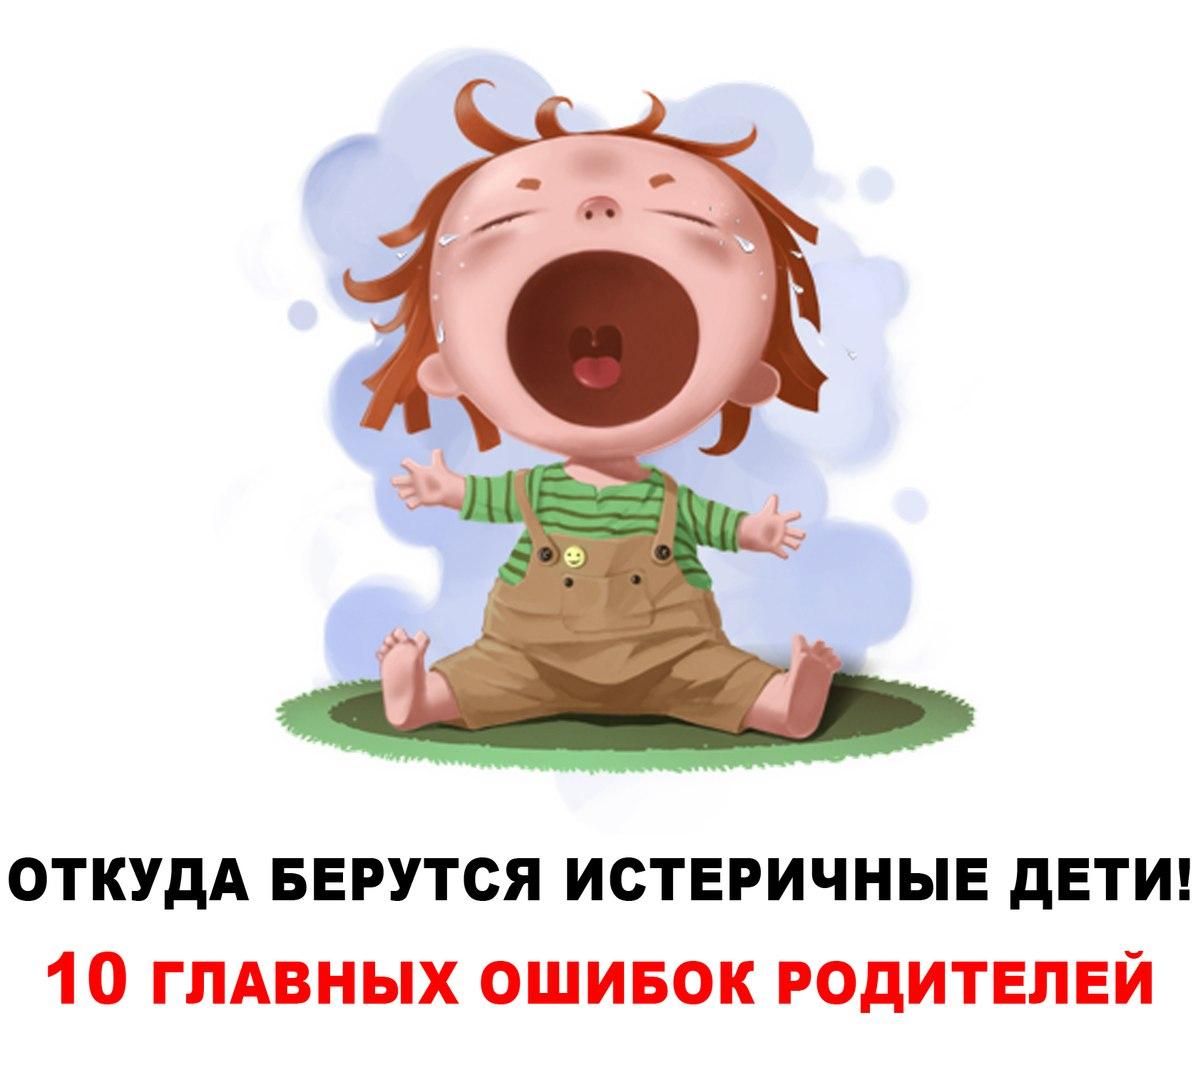 Капризный ребенок картинка для детей